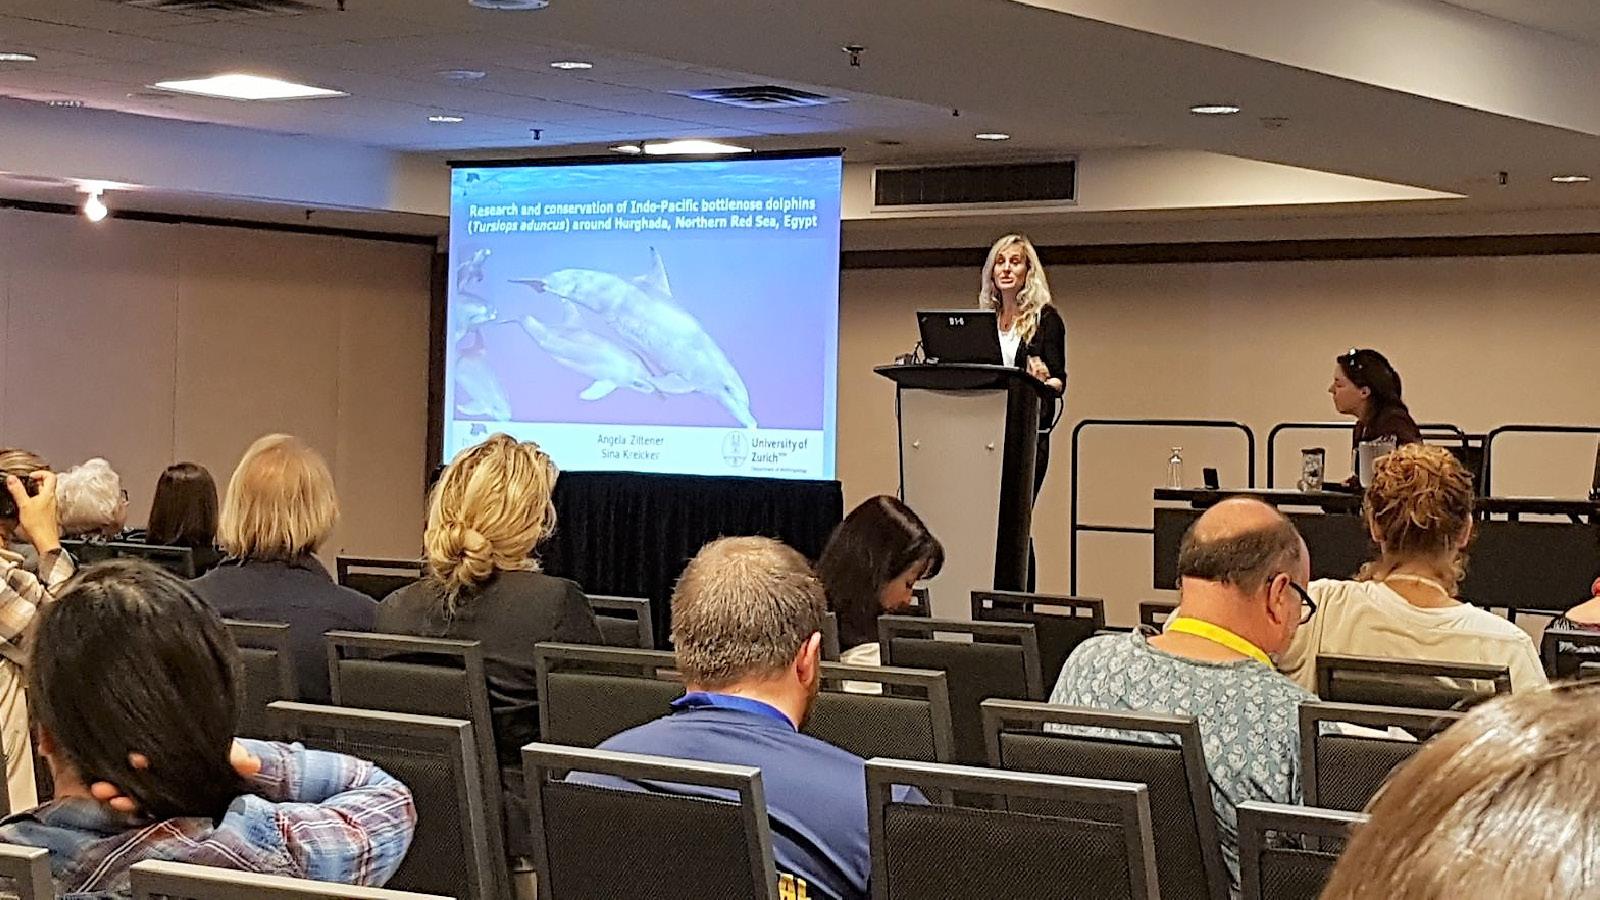 Angela Ziltener sprach über die Delfine im Roten Meer